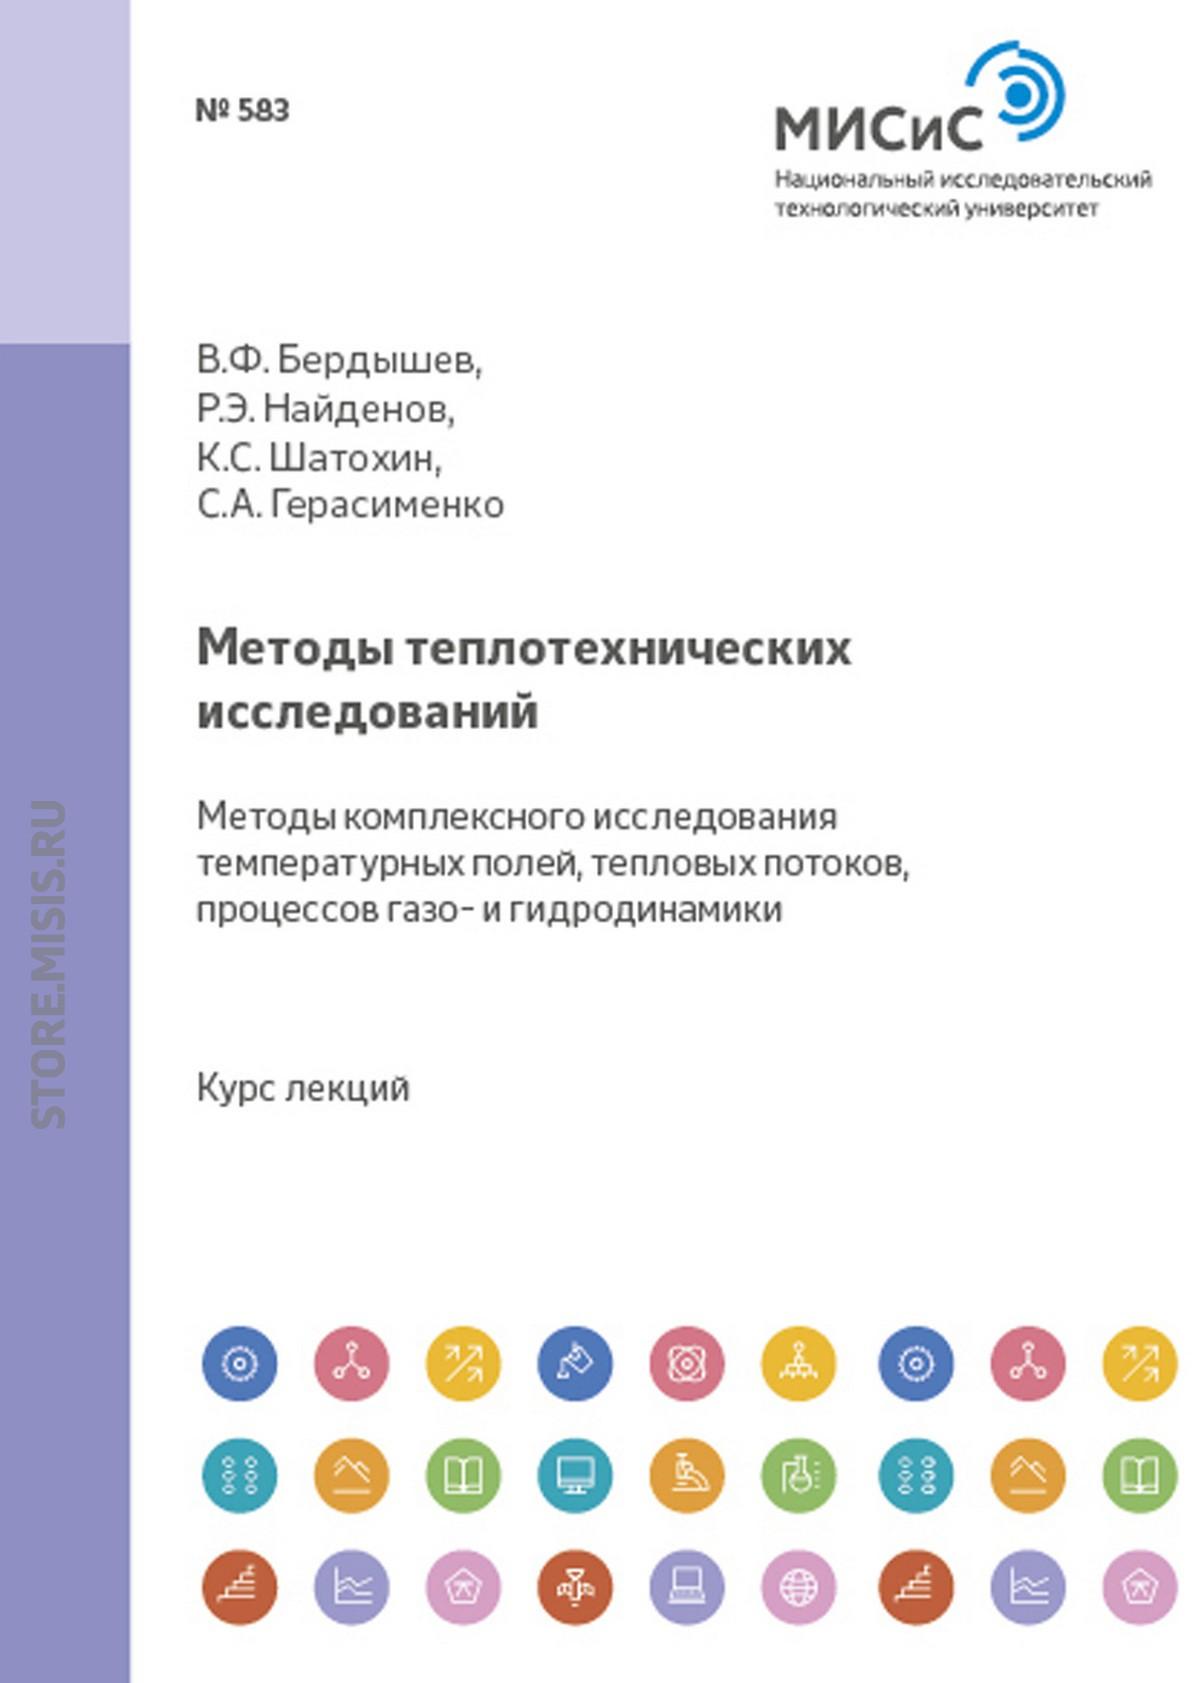 В. Ф. Бердышев Методы теплотехнических исследований. Методы комплексного исследования температурных полей, тепловых потоков, процессов газо- и гидродинамики прибор для измерения температуры chinagoodgoods 2015 lcd ti 121